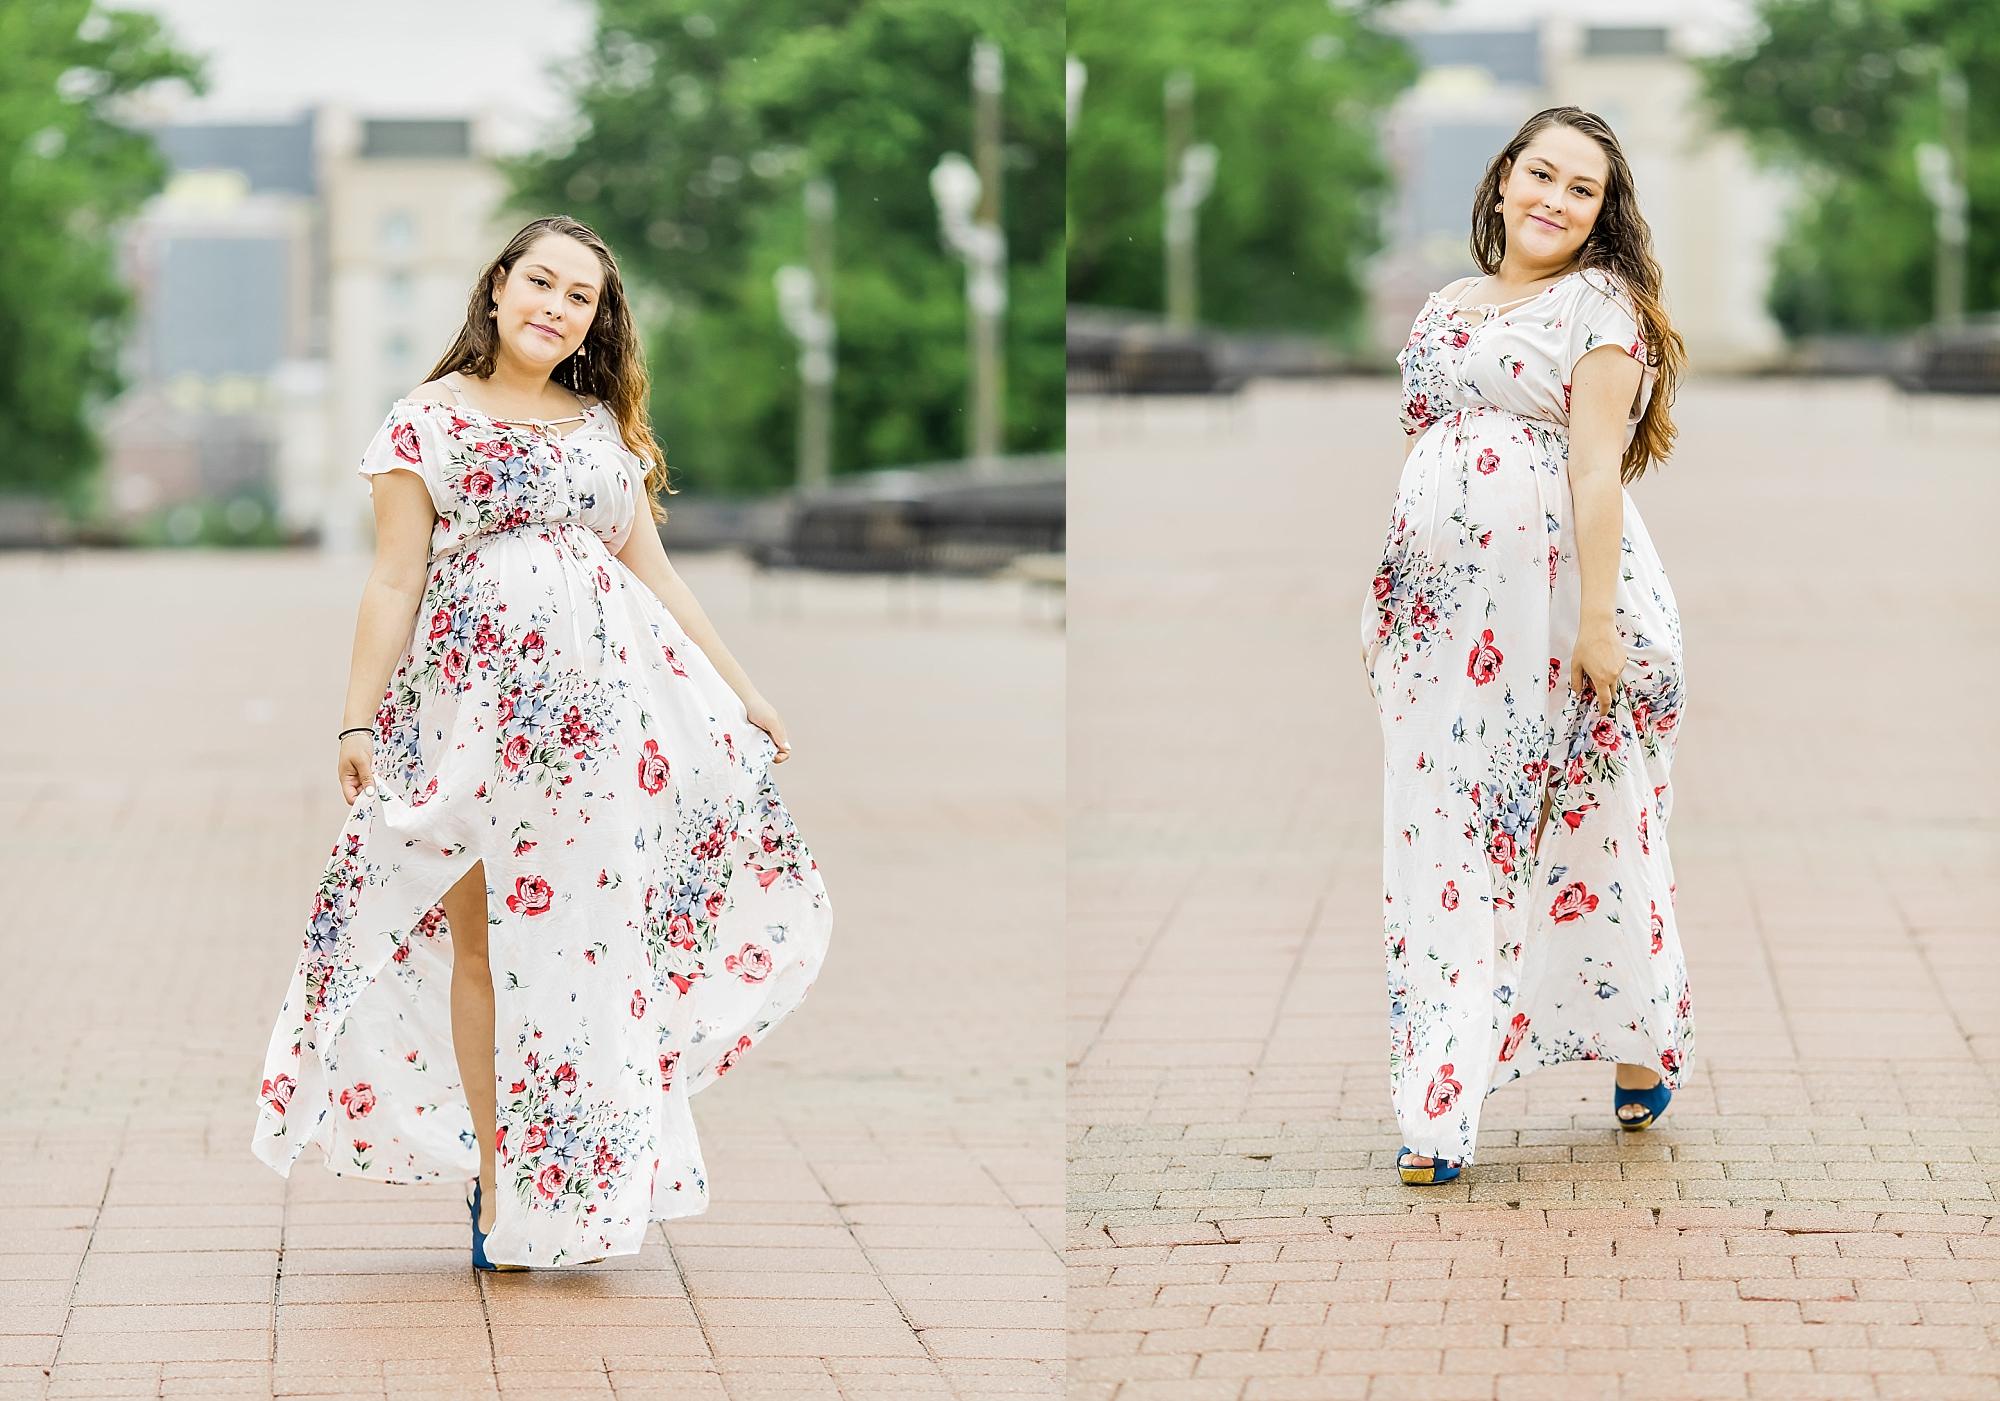 lafayette indiana rainy maternity session surprise engagement_0340.jpg